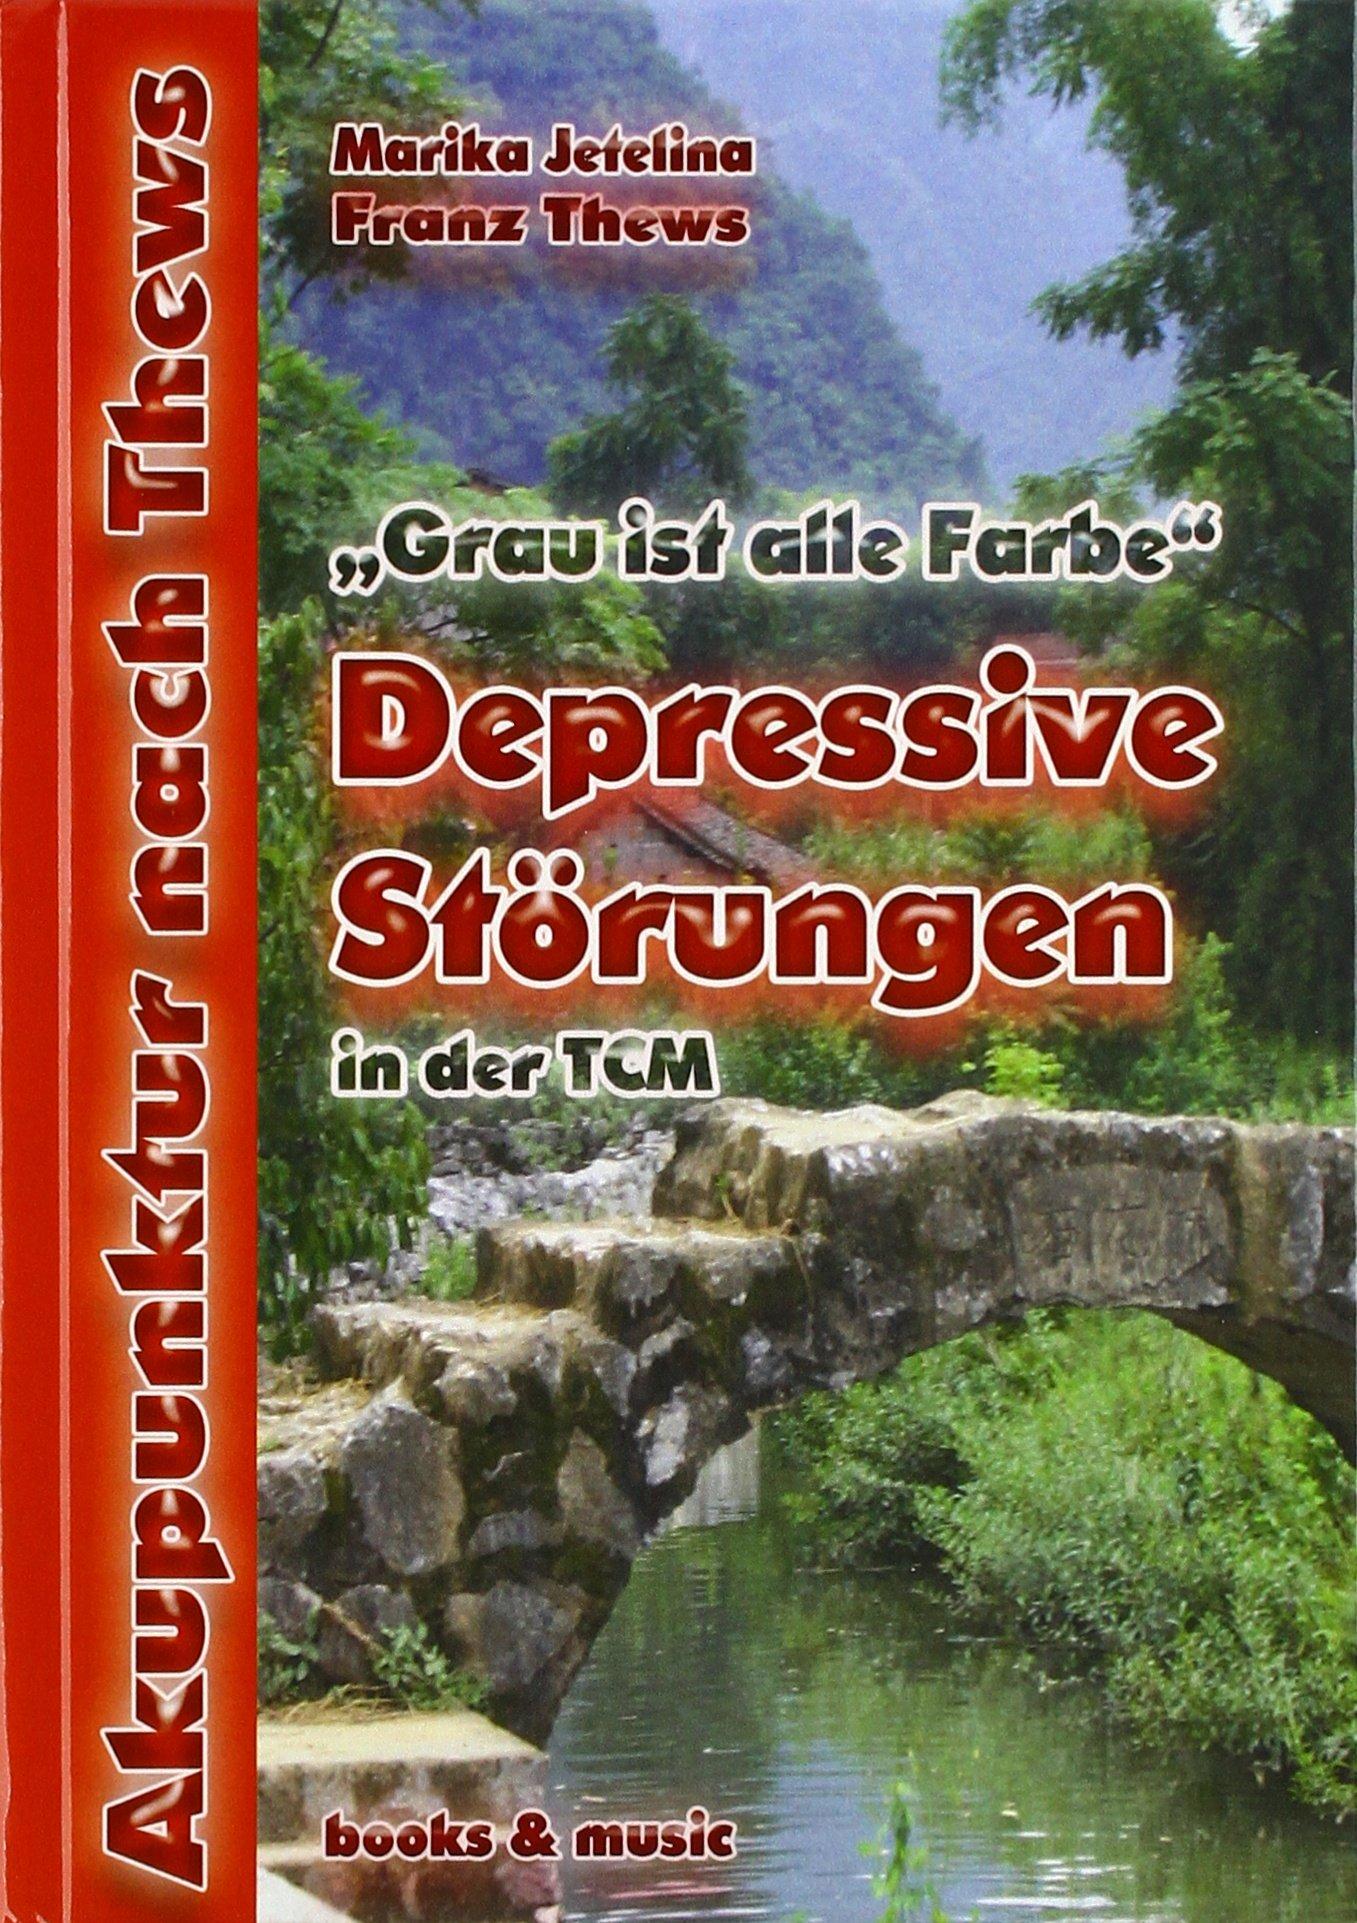 Depressive Störungen in der TCM: Grau ist alle Farbe